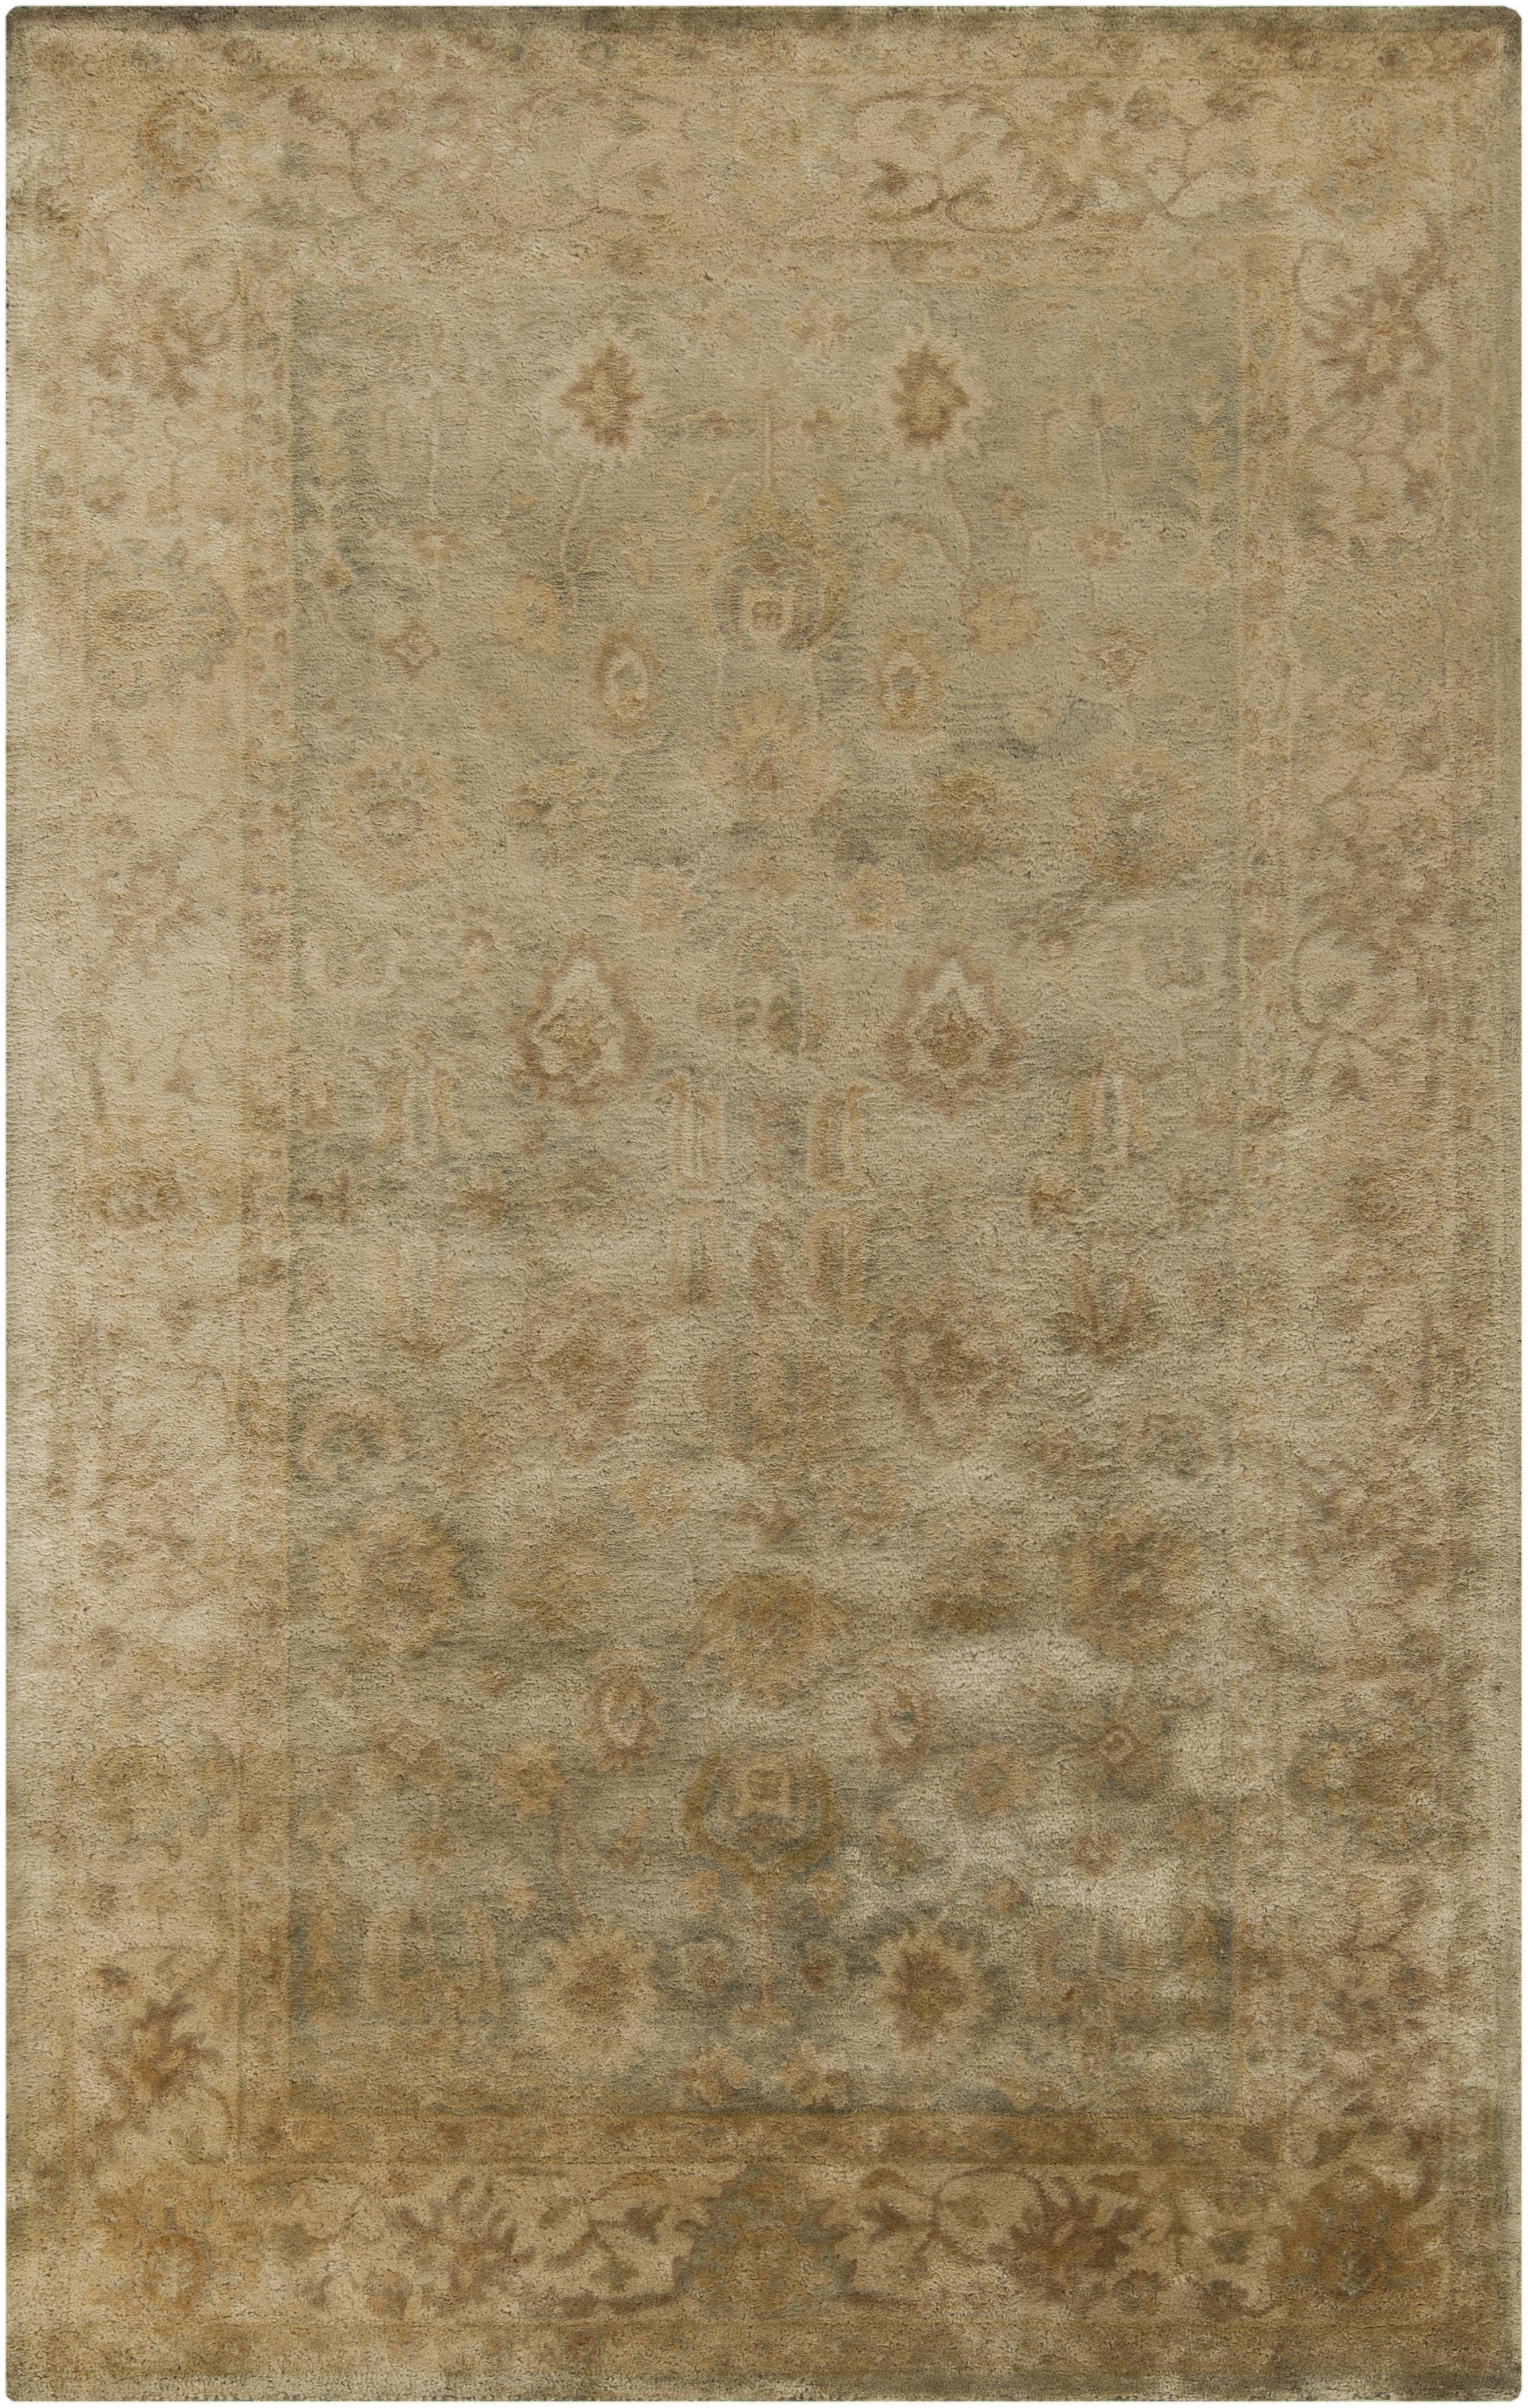 Surya Rugs Vintage 5' x 8' - Item Number: VTG5237-58